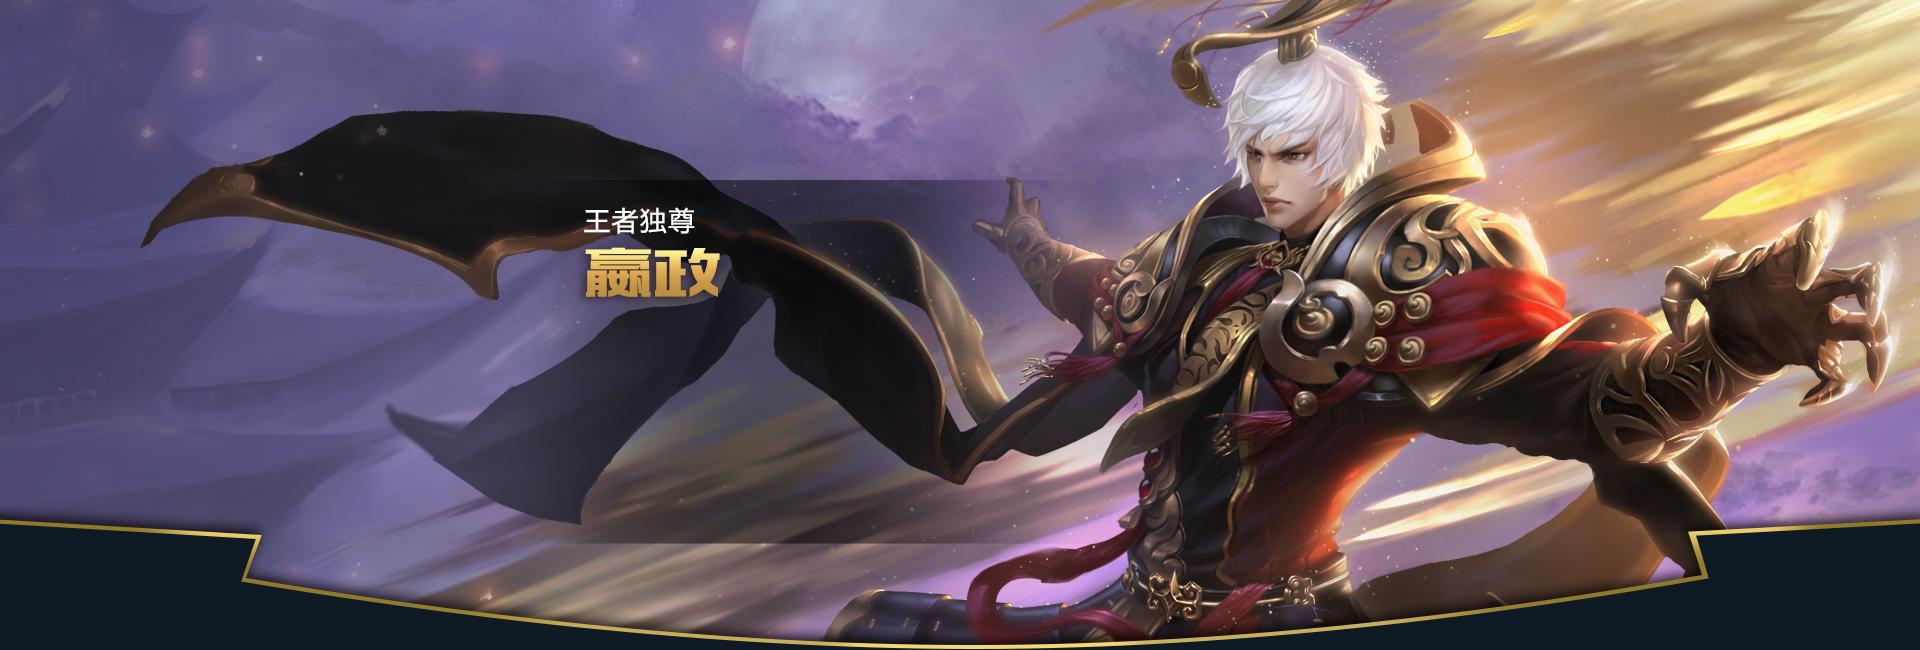 第2弹《王者荣耀英雄皮肤CG》竞技游戏154